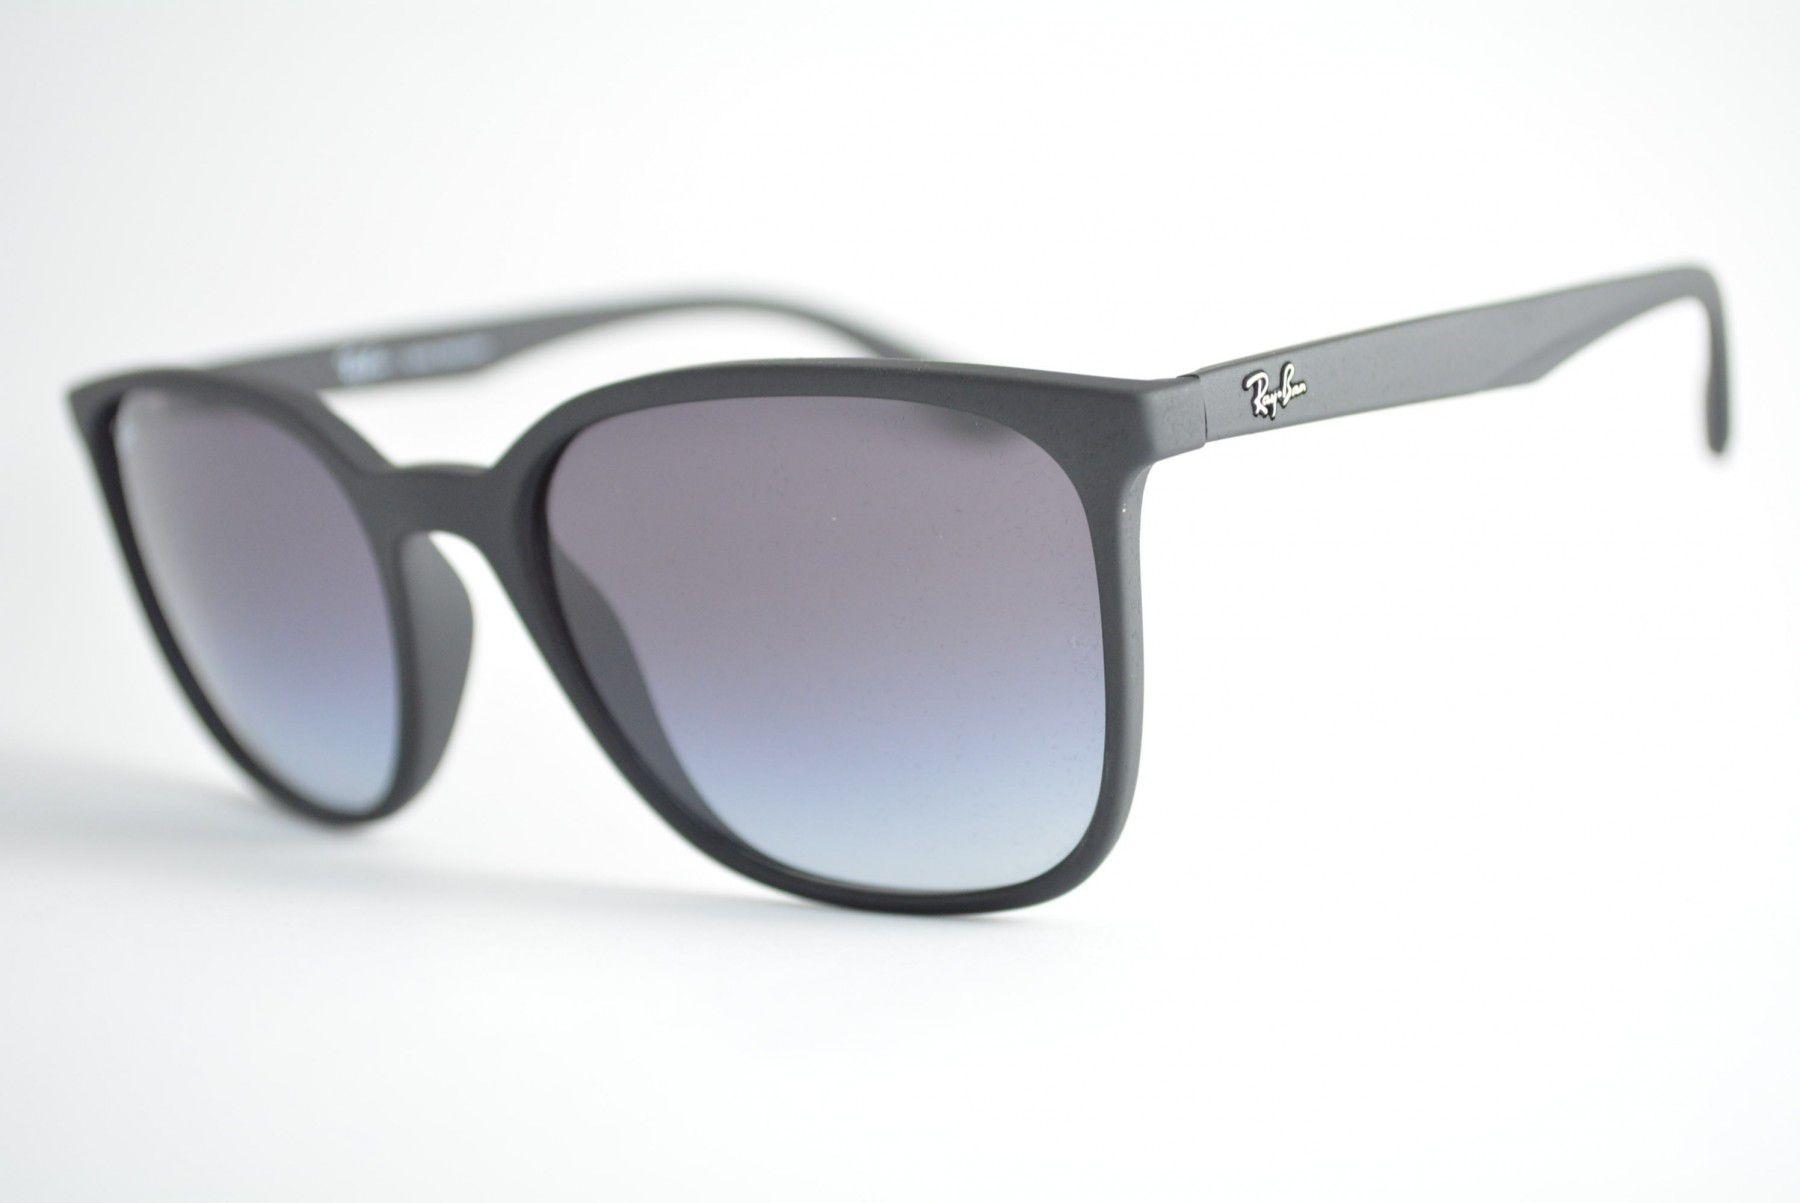 c99398c48 Óculos De Sol Ray Ban Unissex RB4316L 622/8G - Omega Ótica e Relojoaria